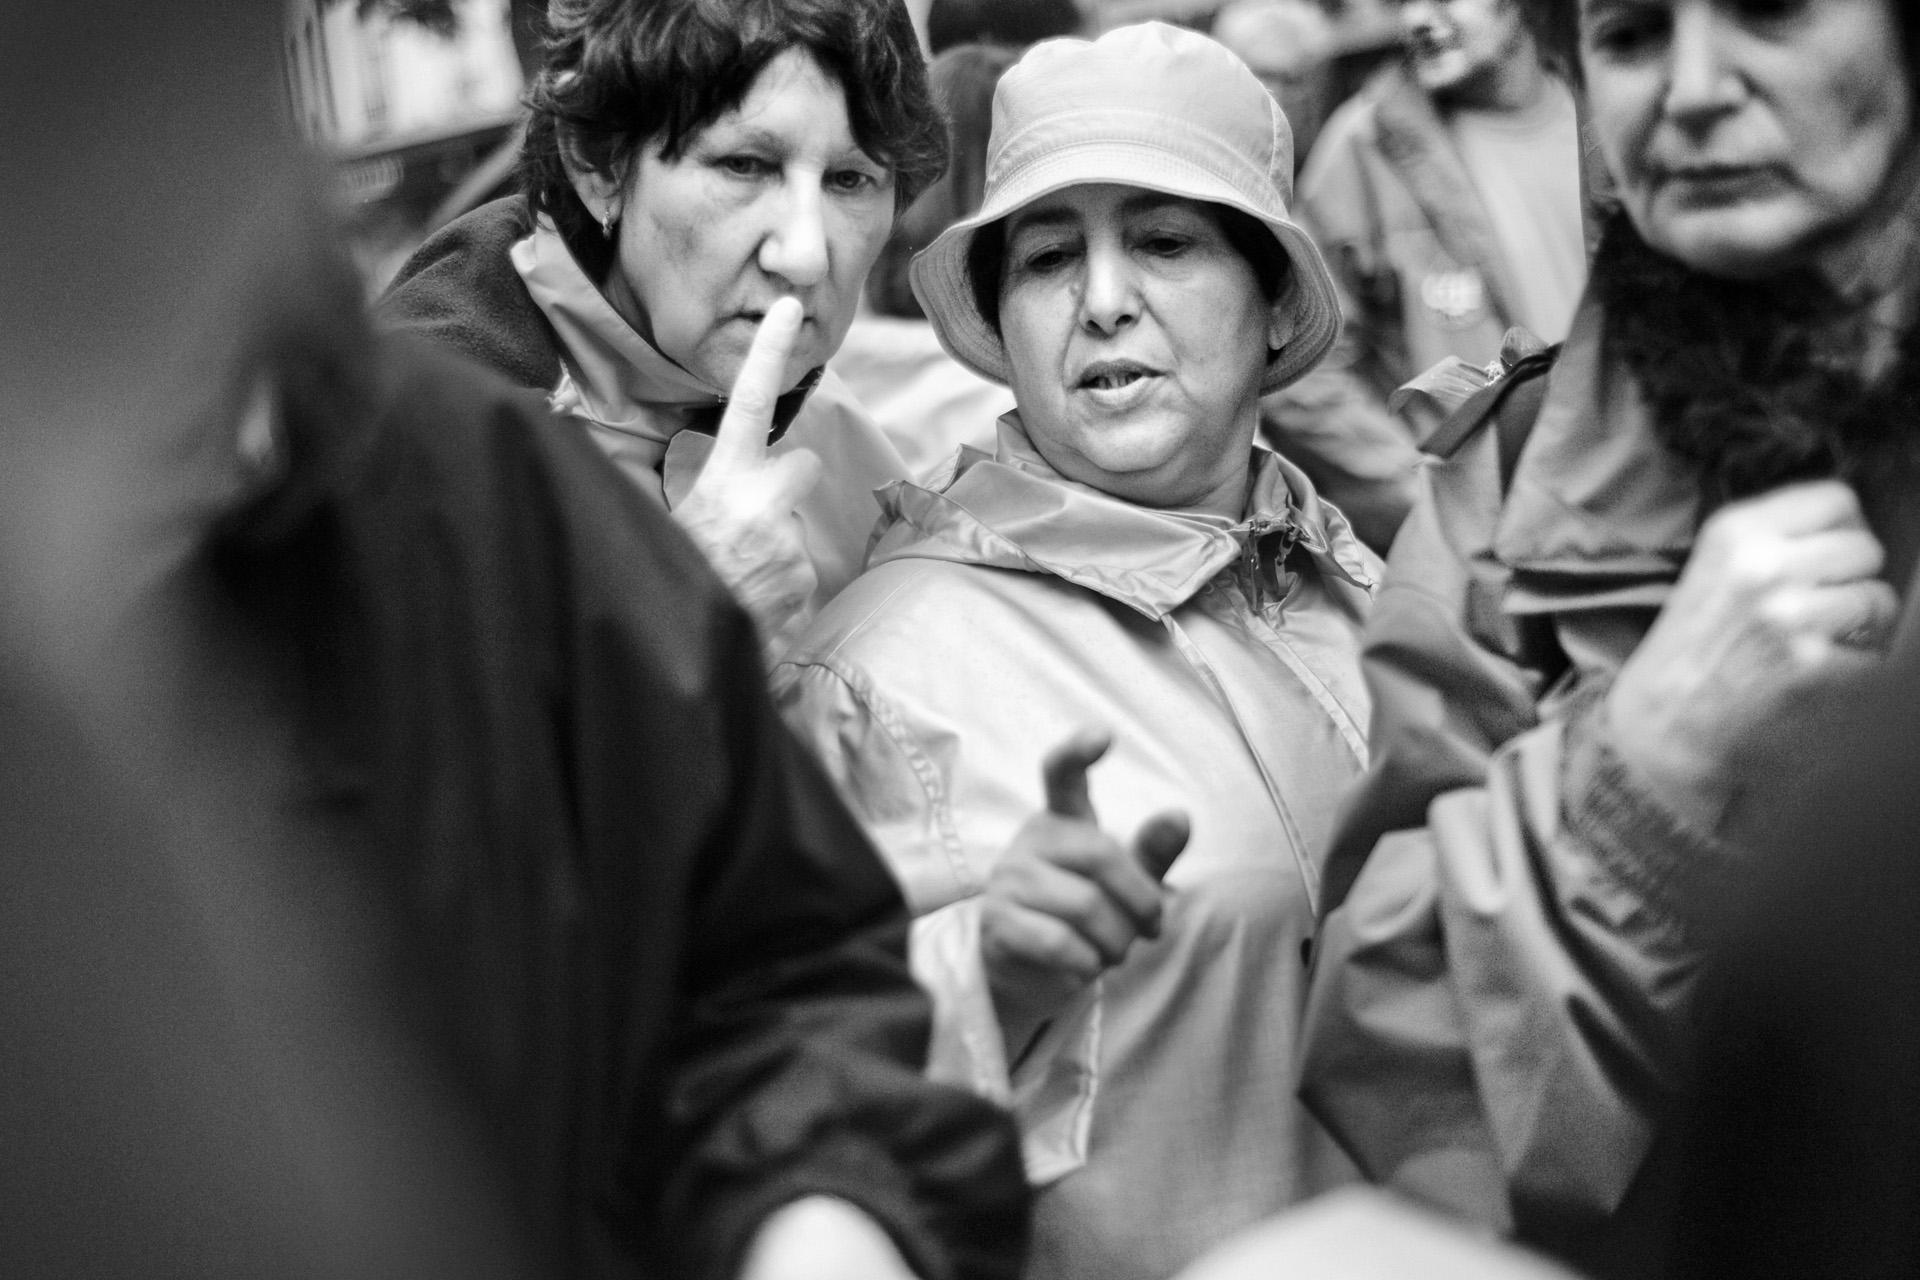 Lyon, le 1er  mai 2010. Durant la manifestation nationale, le collectif de soutien interpelle les manifestants pour les sensibiliser à l'histoire de Guilherme et leur faire signer une lettre au préfet qu'ils remettront en préfecture au cours d'une manifestation prévue le 25  mai.